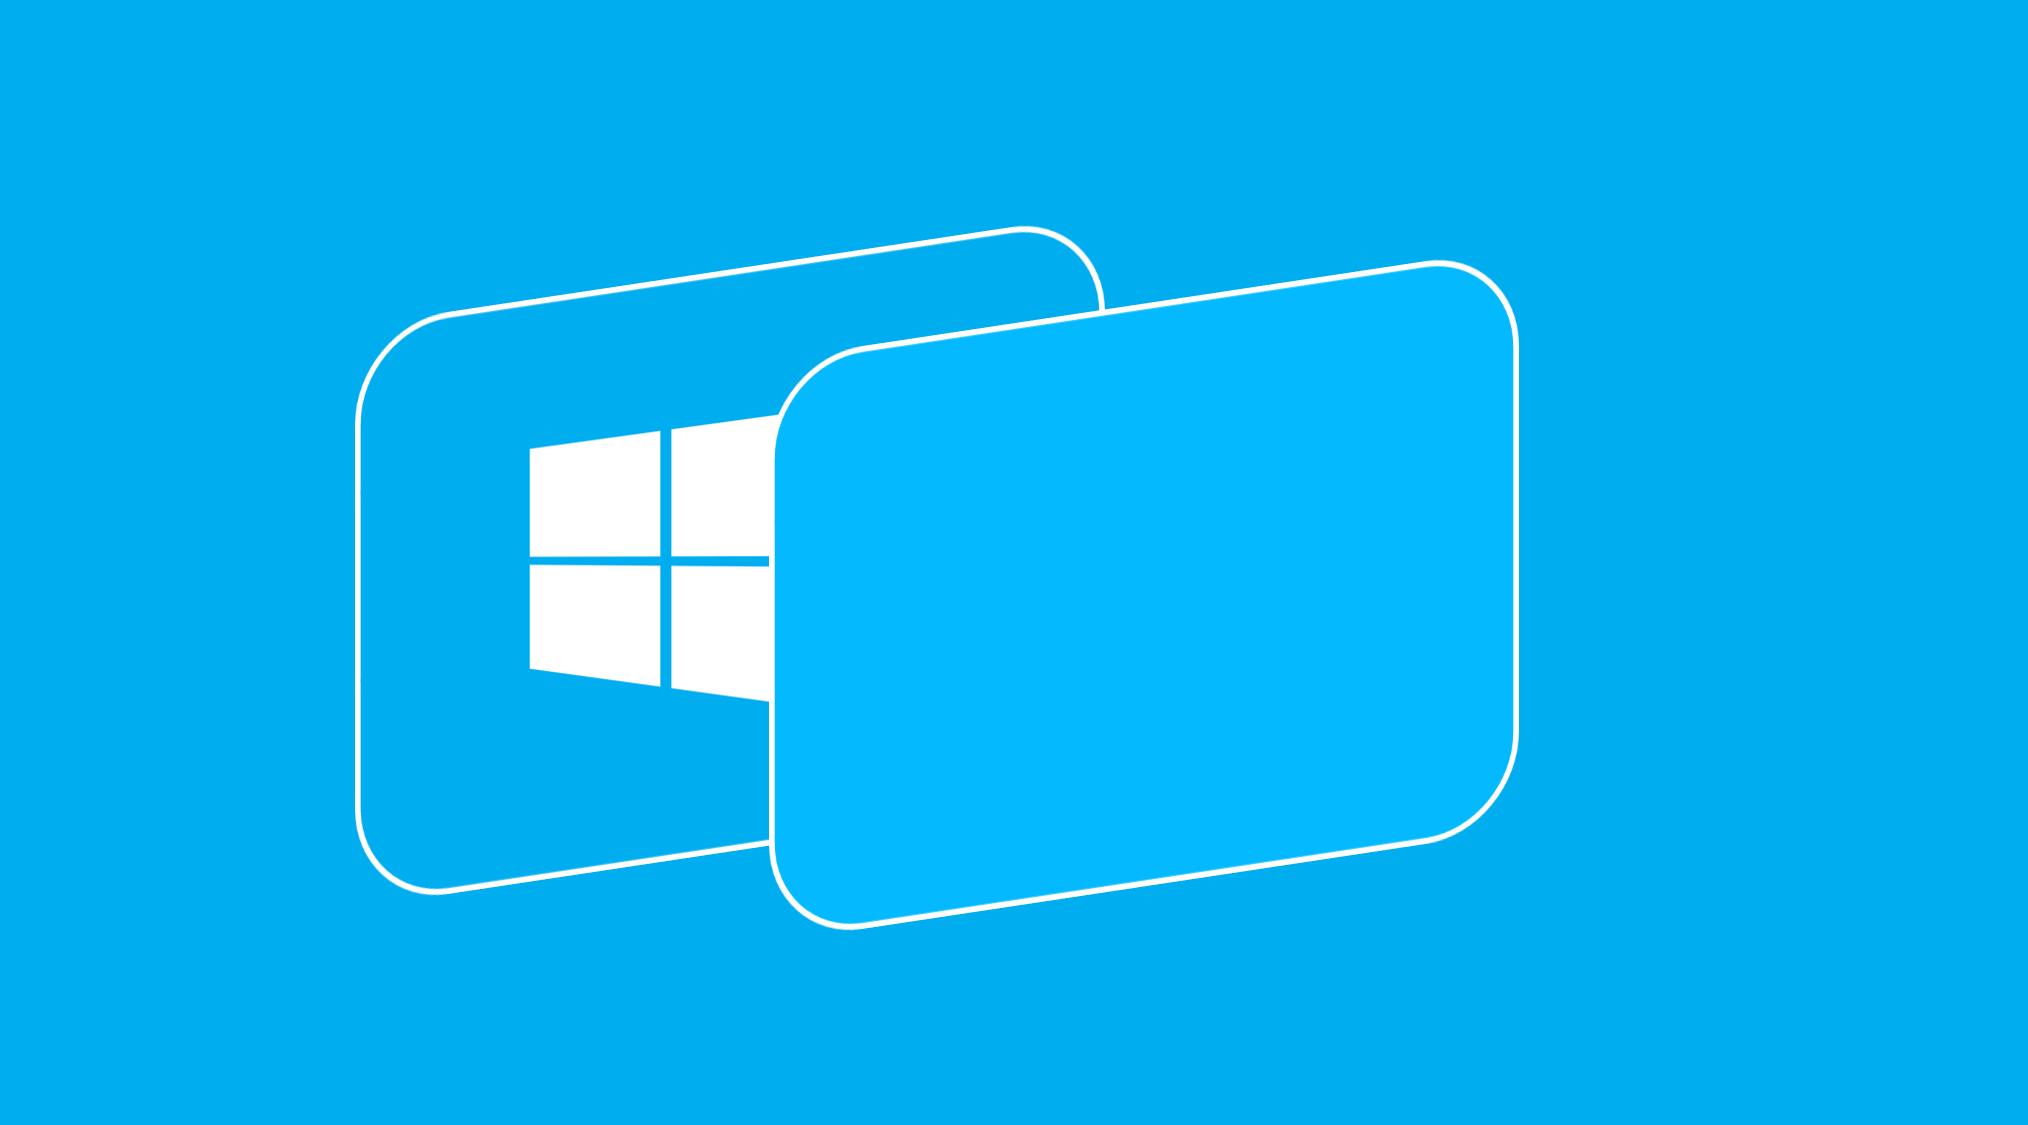 Se hvordan du bruker virtuelle skrivebord i Windows 10